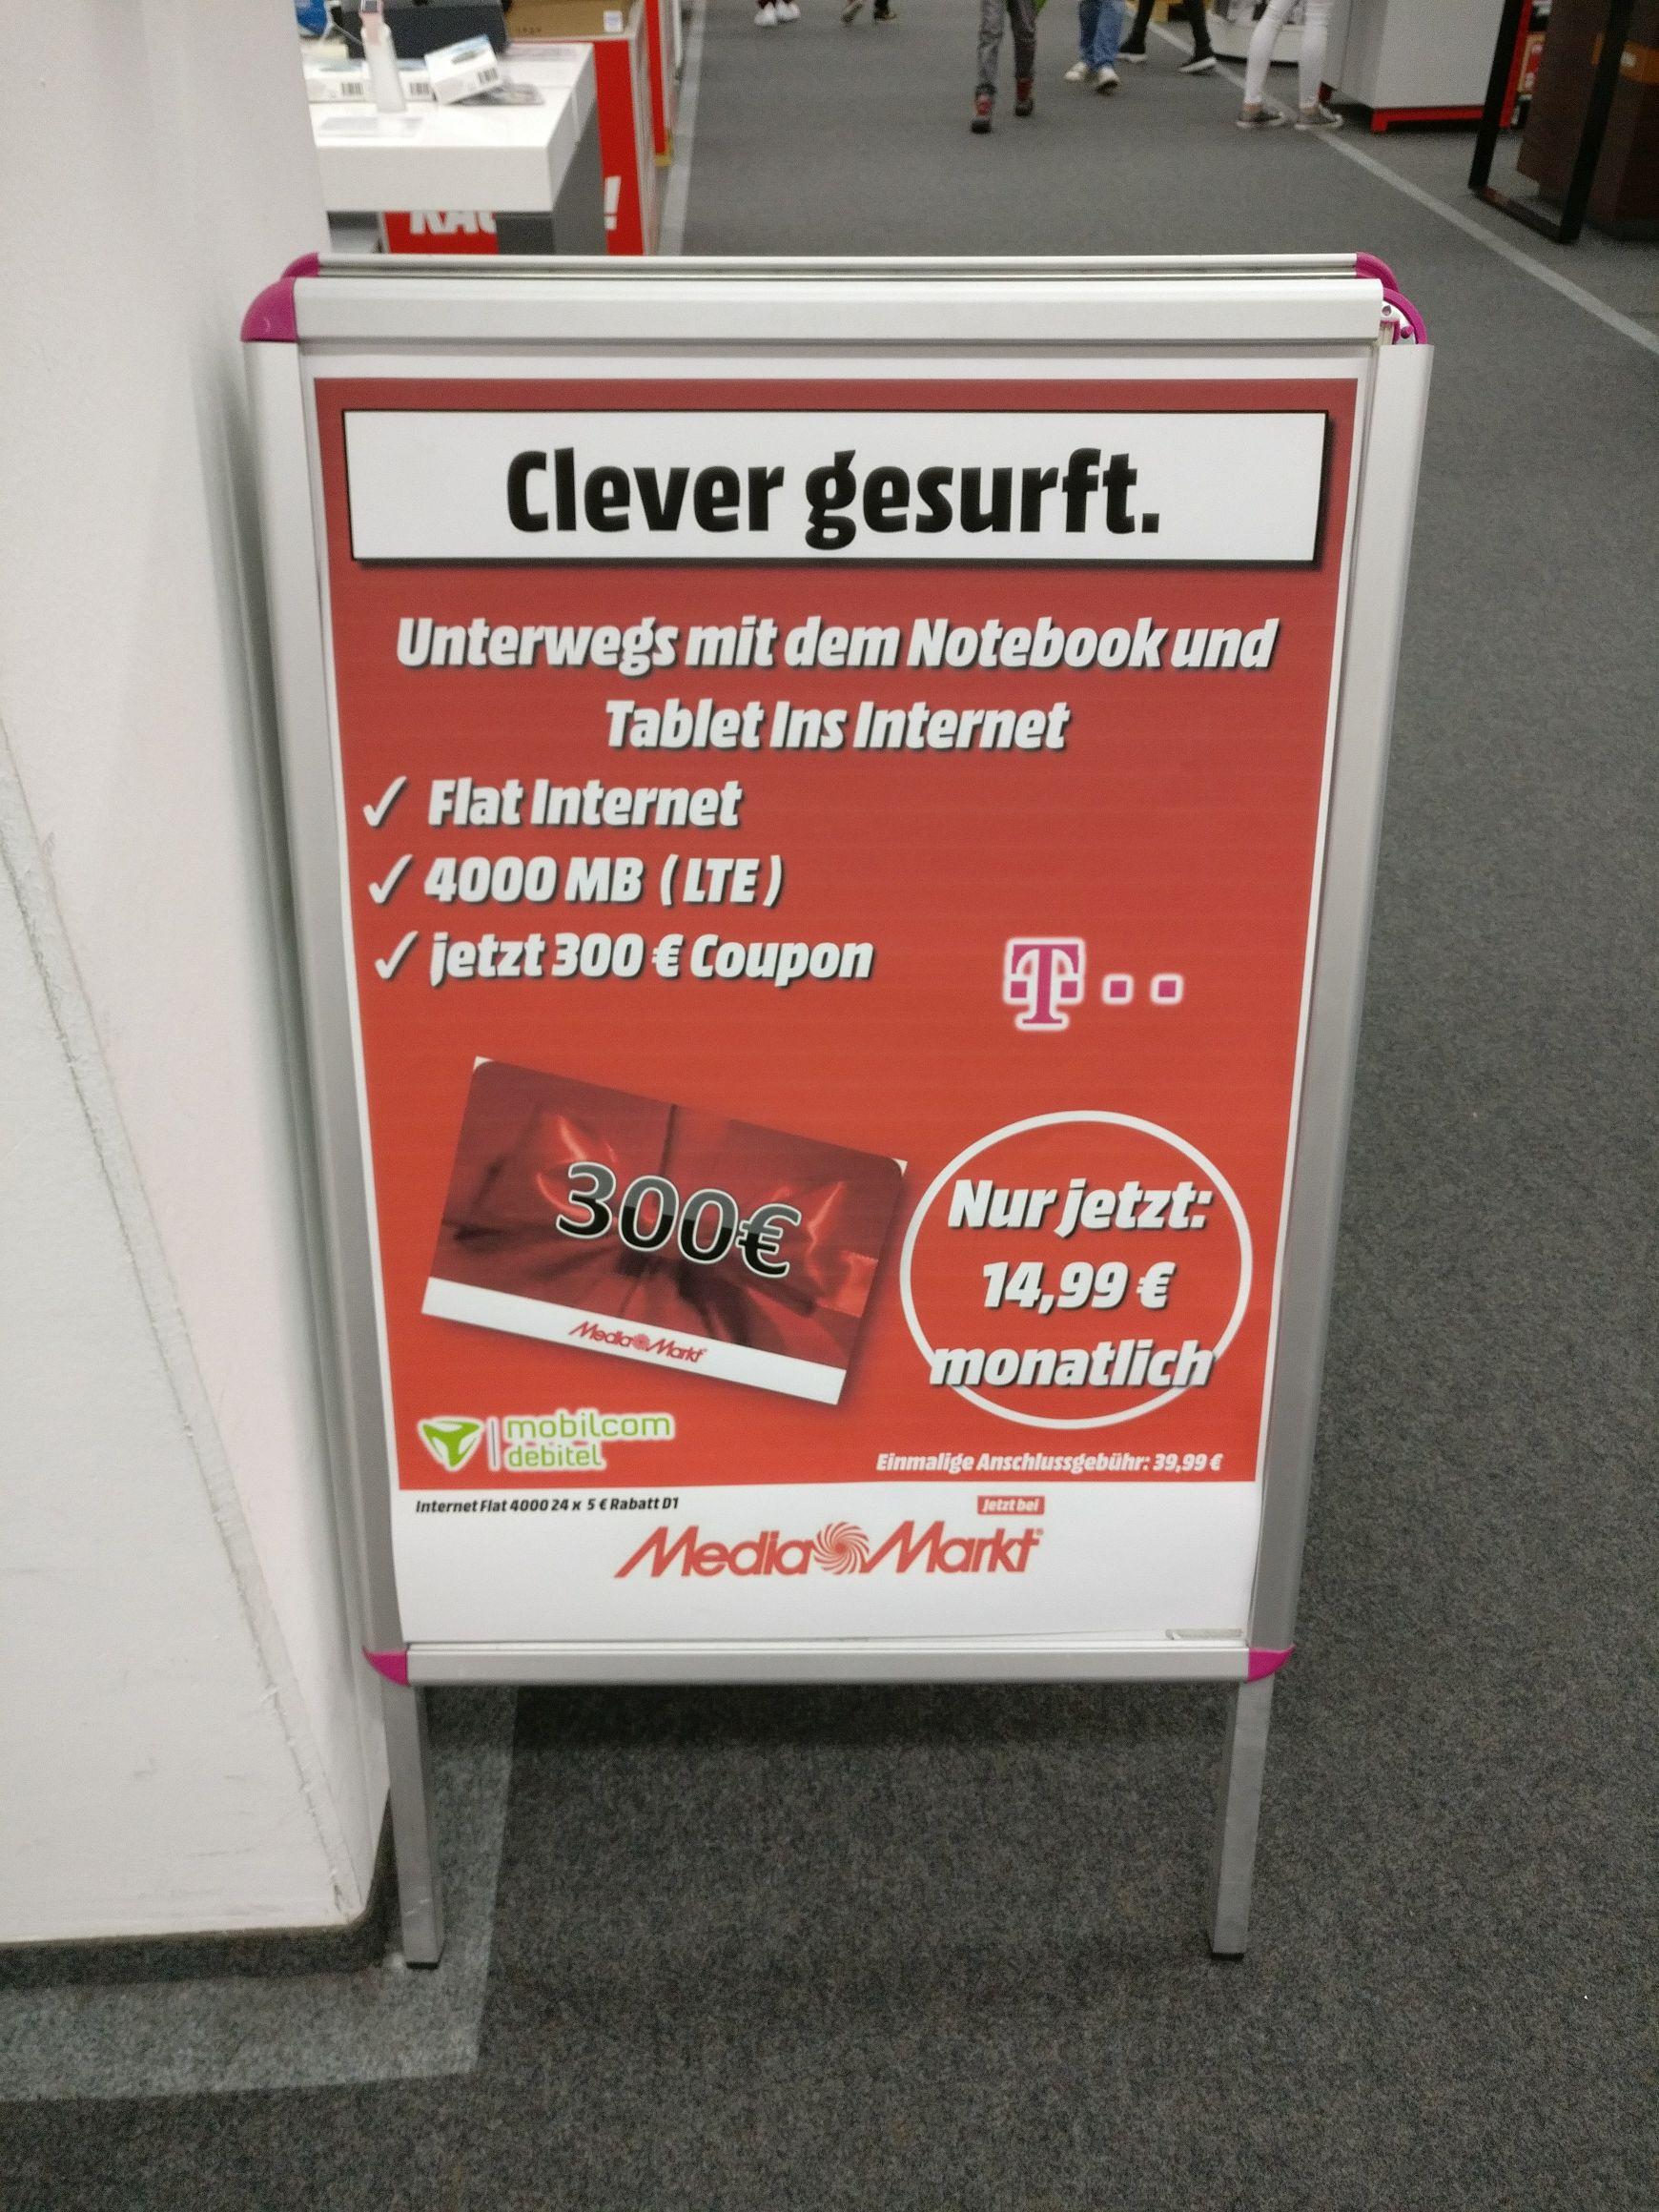 [Lokal Kempten] Telekom D1 4000MB LTE Daten Flatrate, 15€ mtl. / 300€ MM-Gutschein